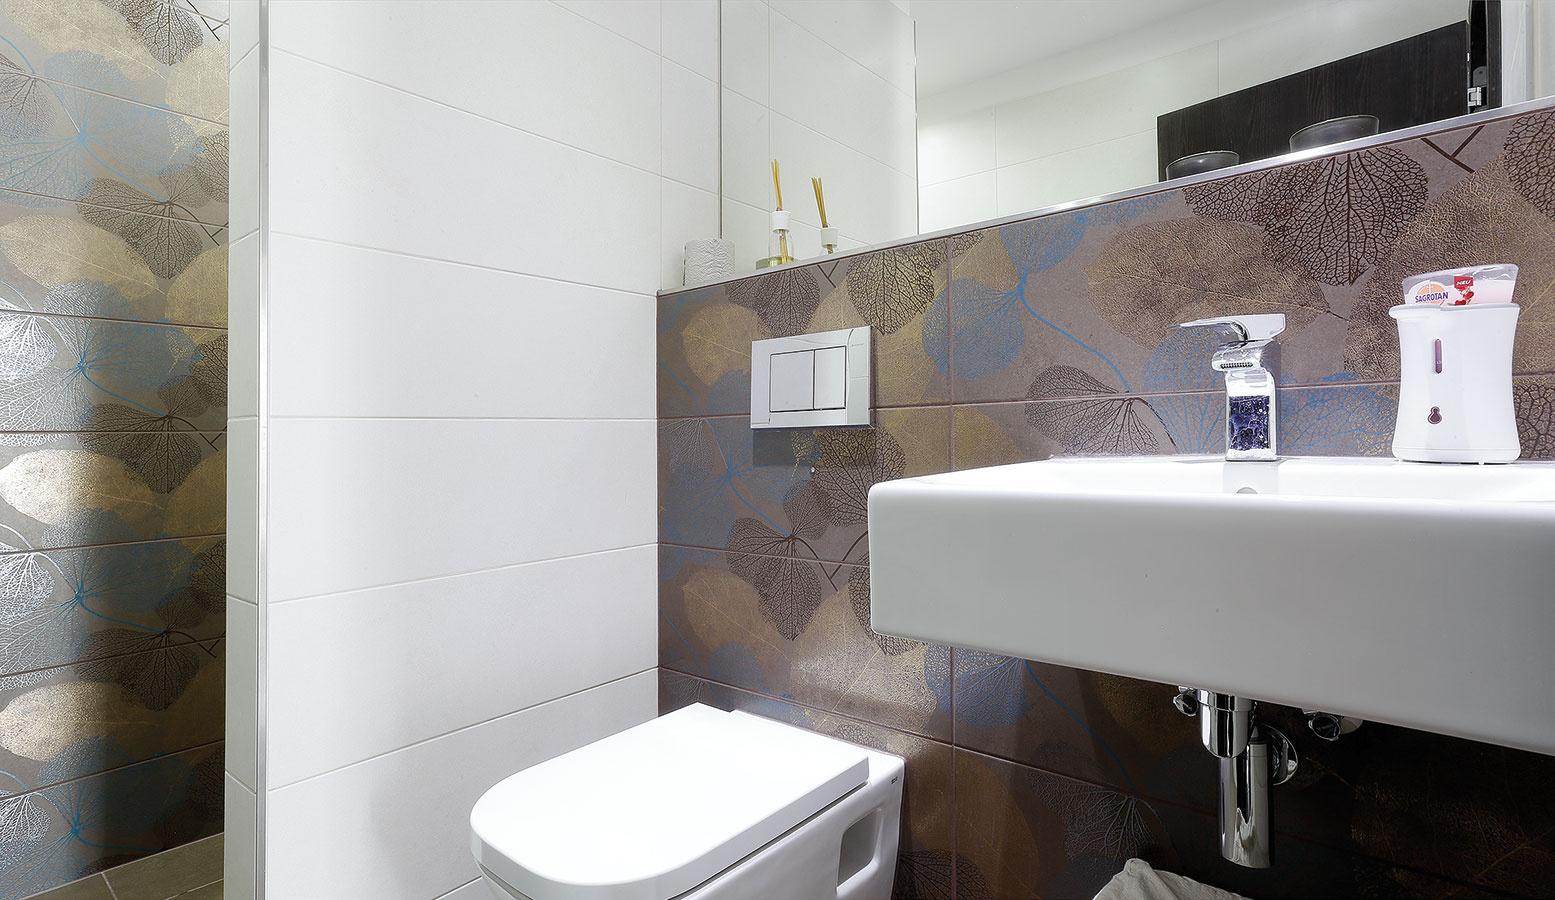 Priestor kúpeľne oživuje zvolený viacfarebný vzorovaný obklad stien, ktorý príjemne dopĺňa bielu sanitu.